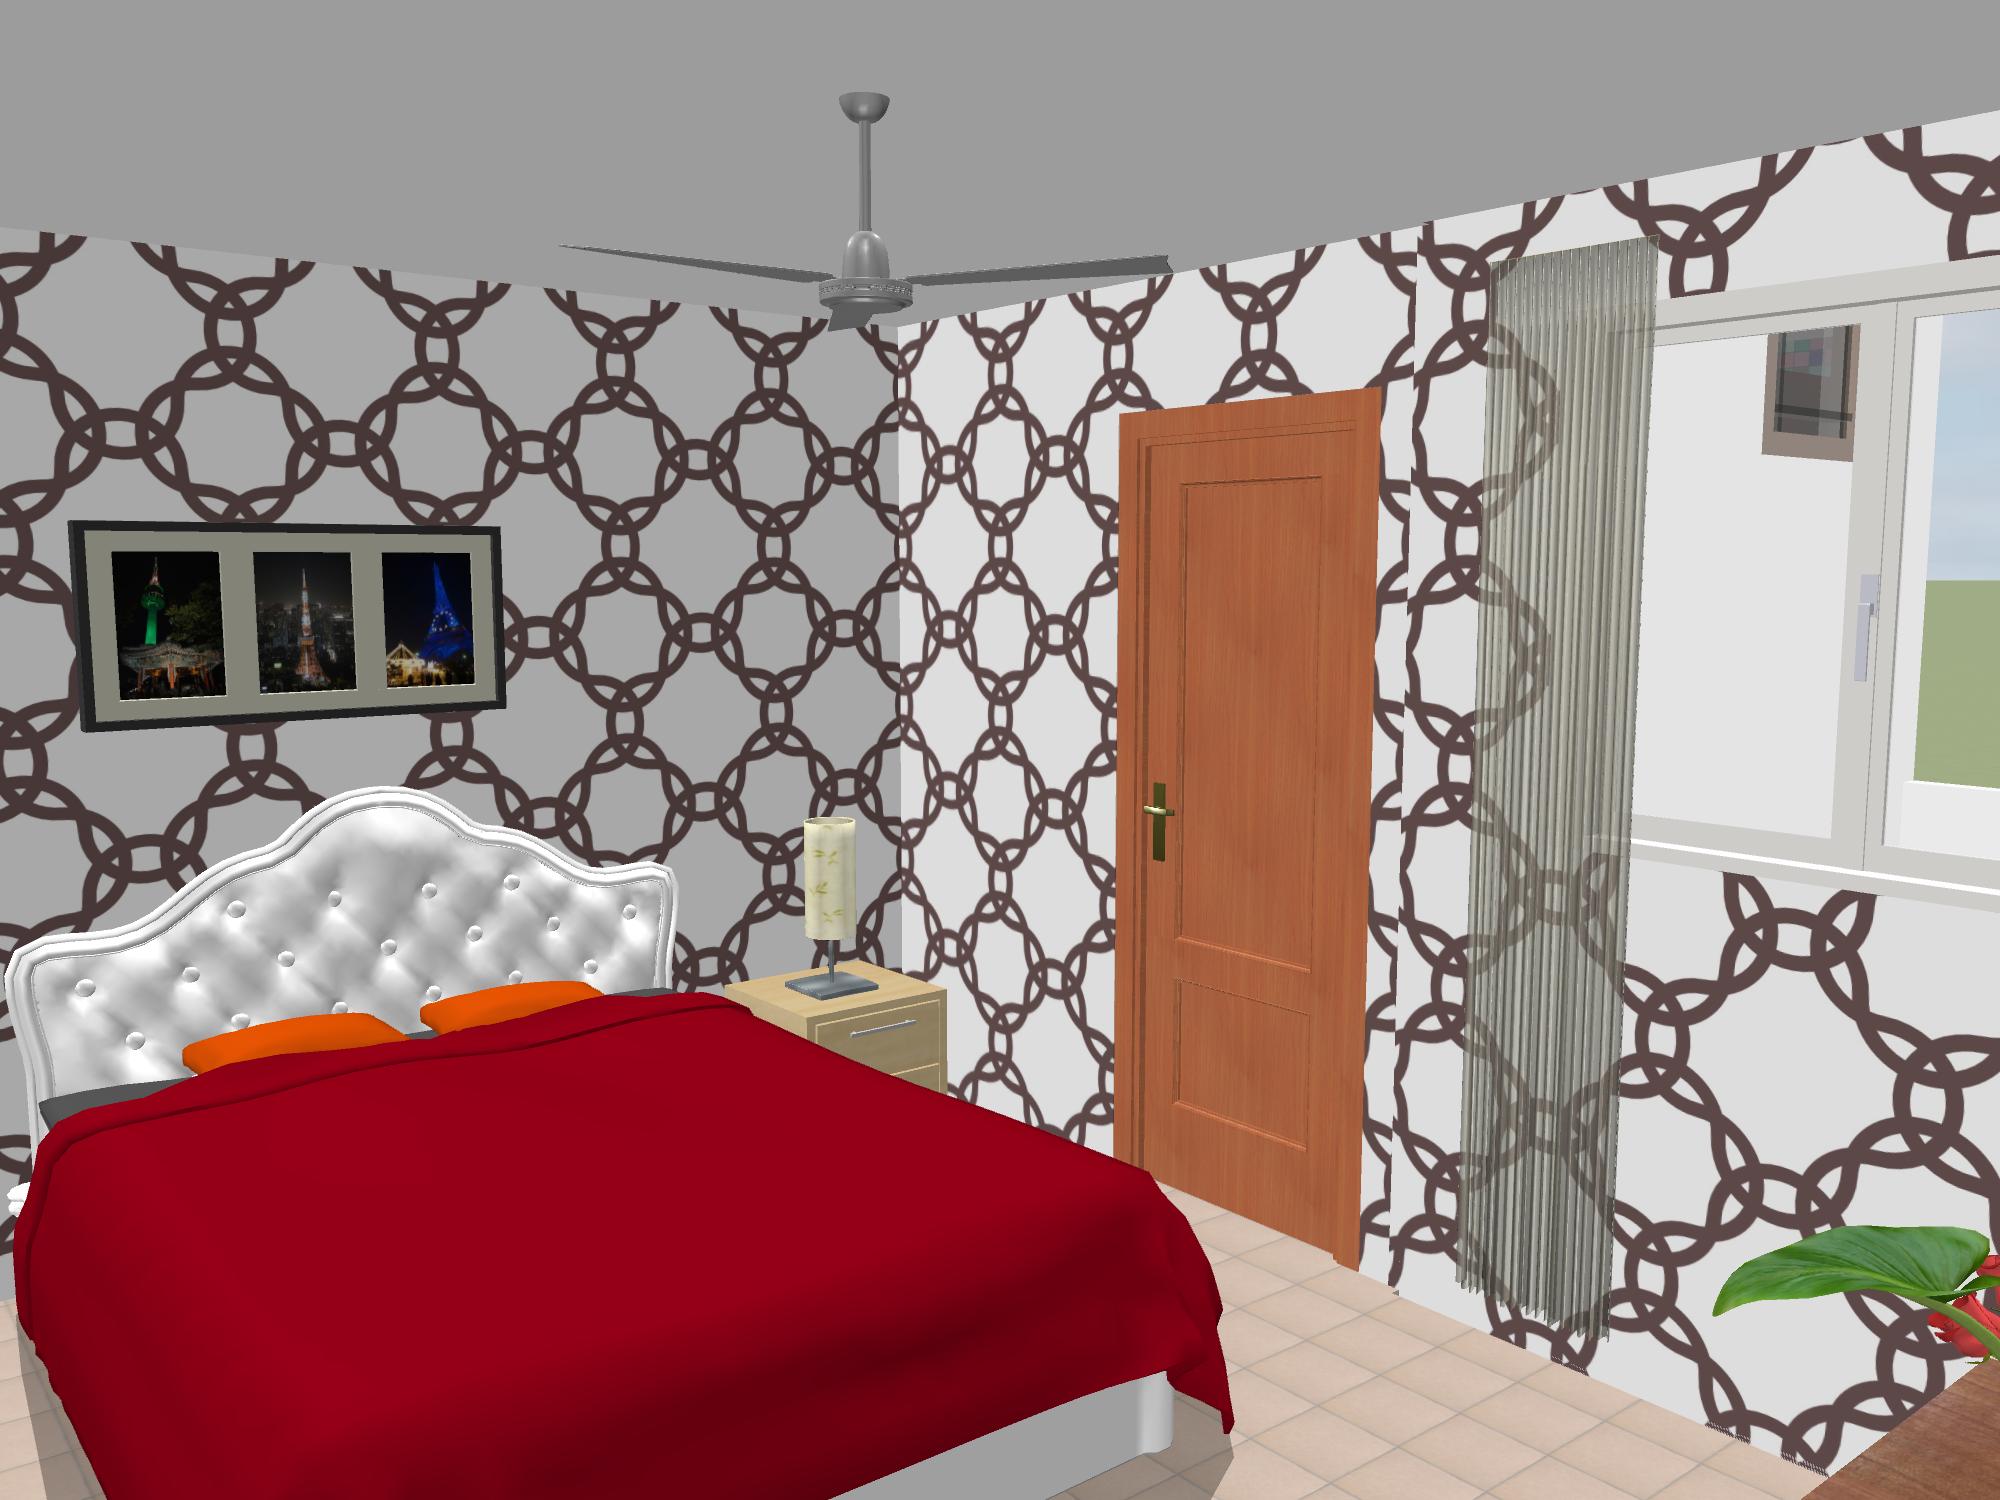 140sqm_bedroom 1.png